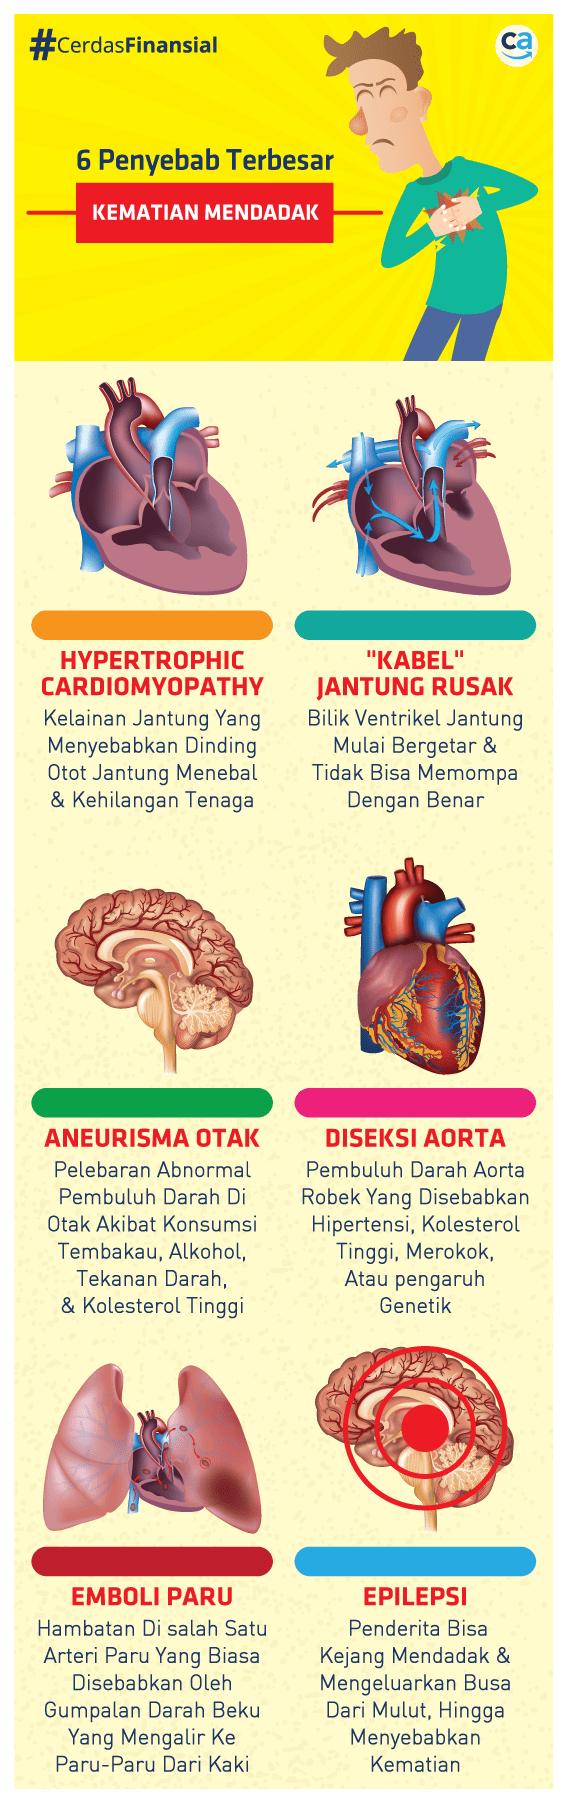 infografis penyakit penyebab terbesar kematian - CekAja.com